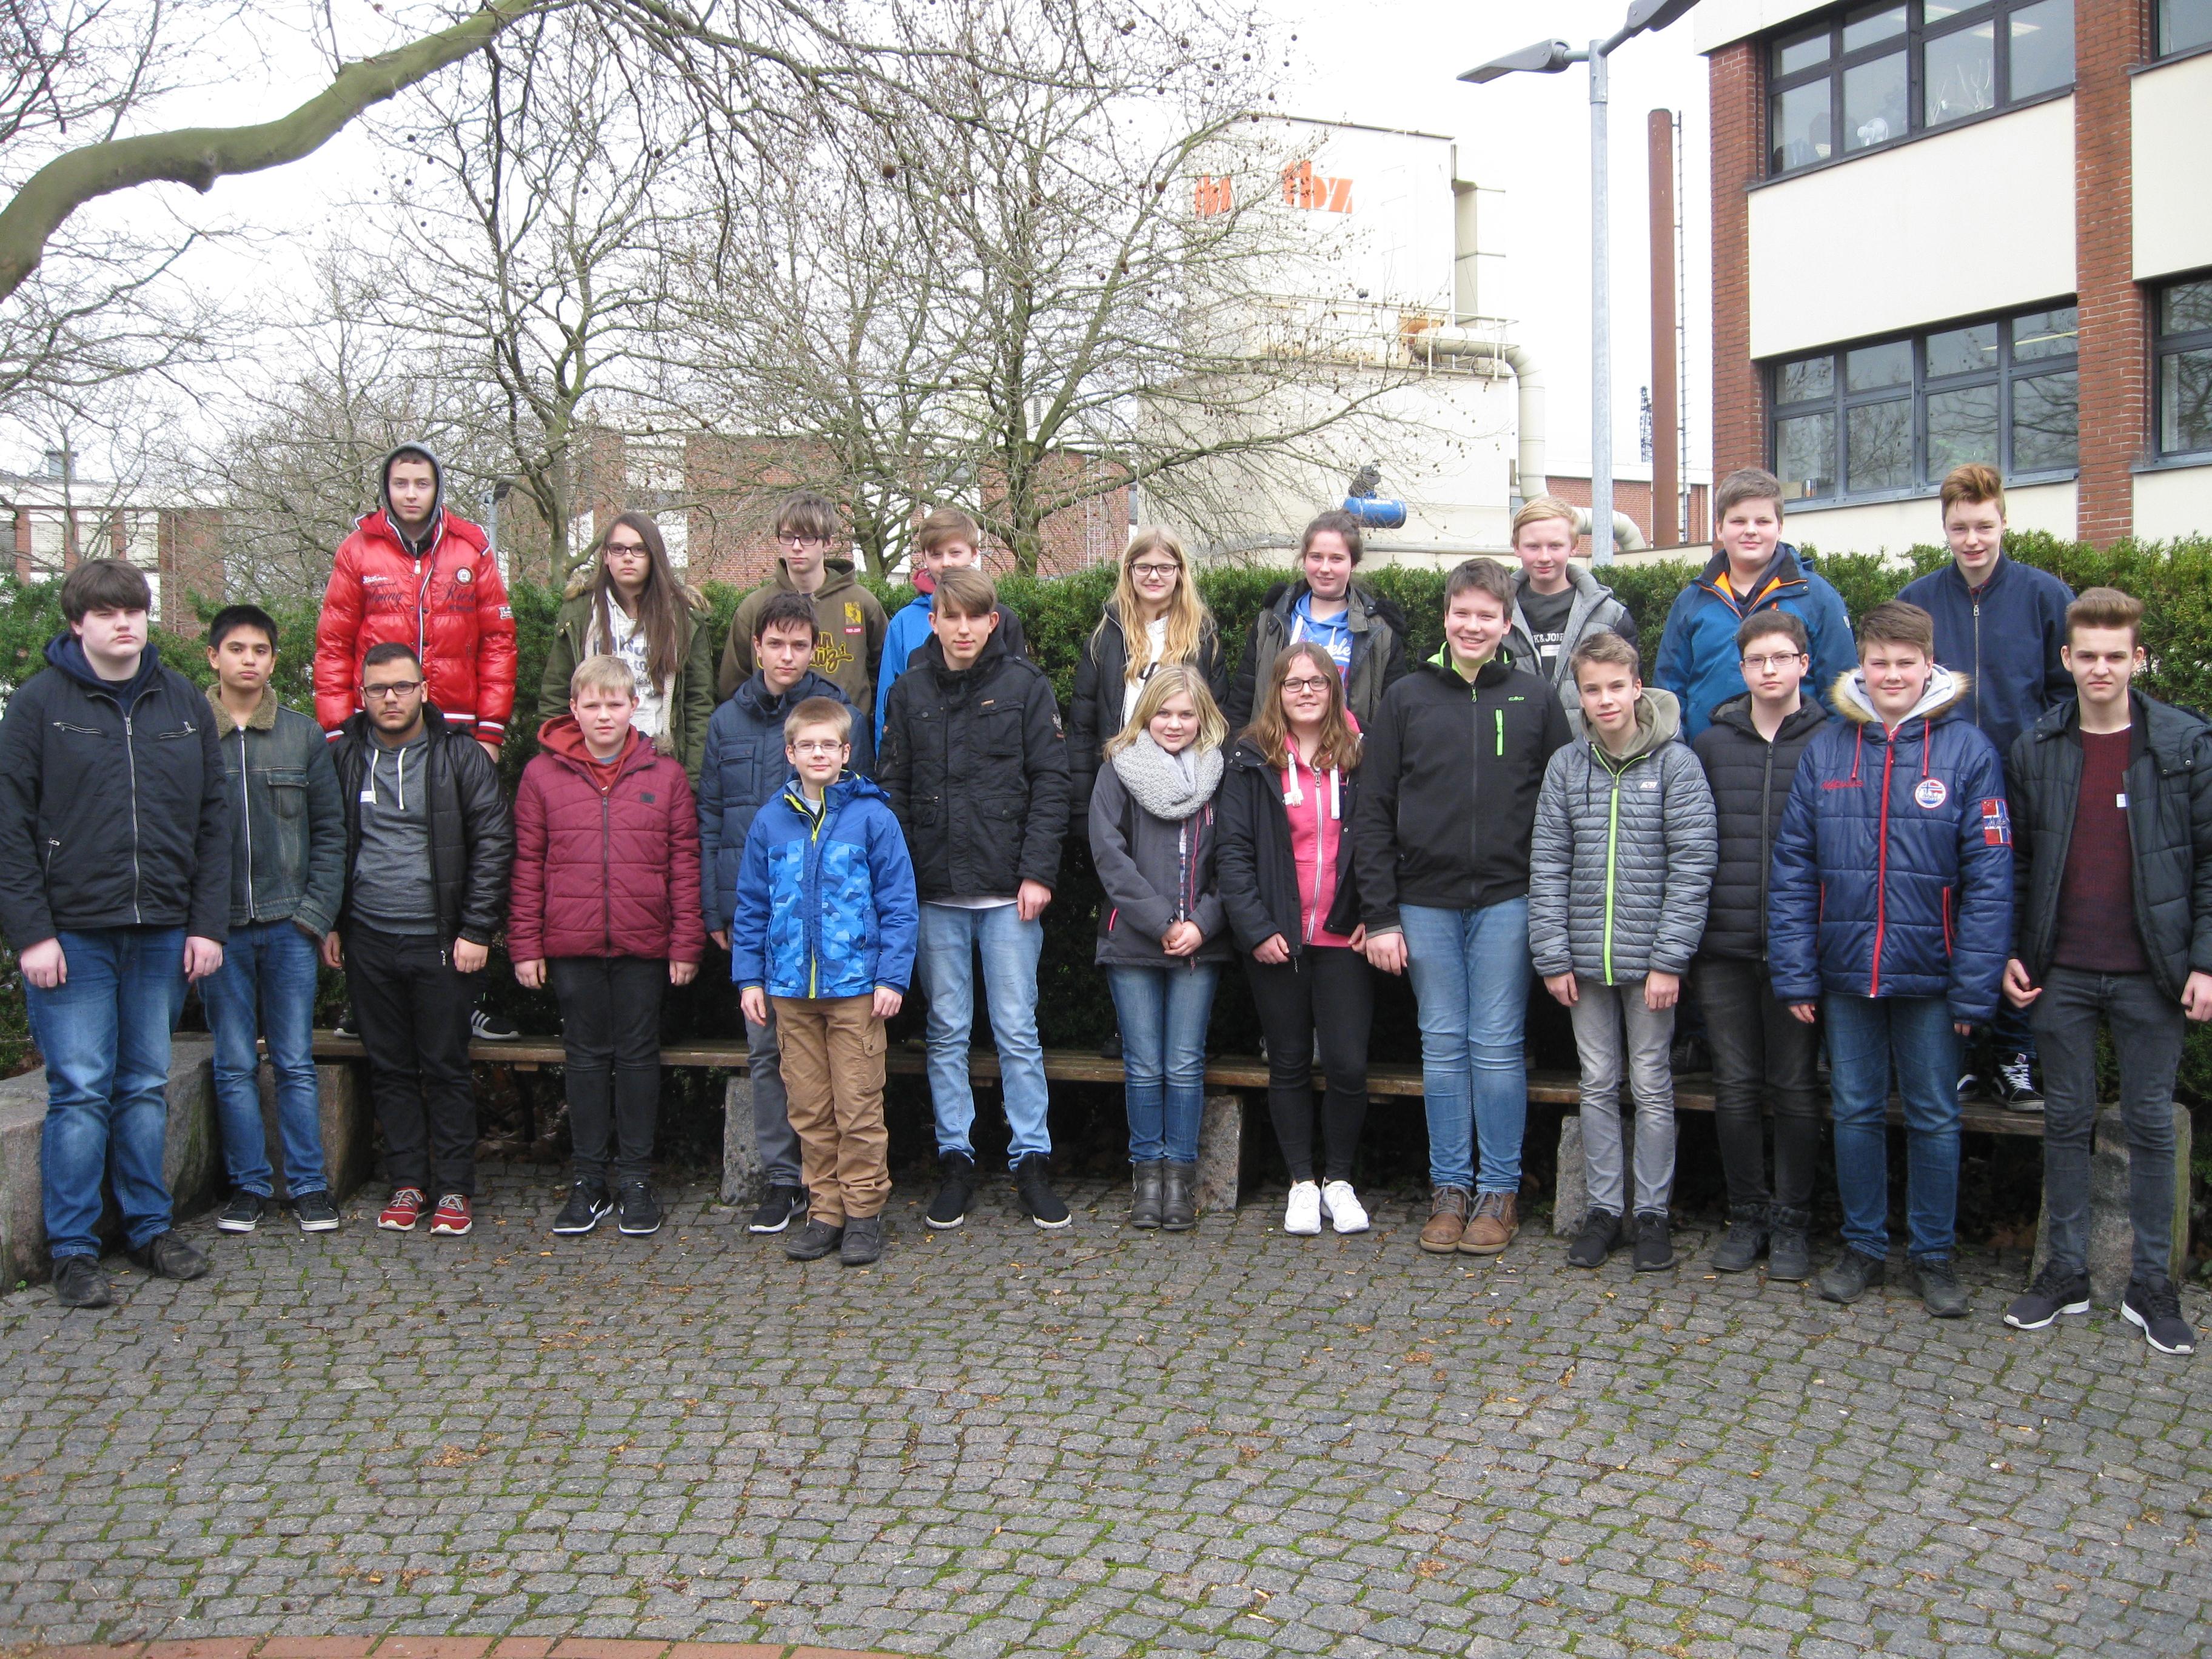 Verler Gesamtschüler nehmen erfolgreich am MINT-Camp in Paderborn teil